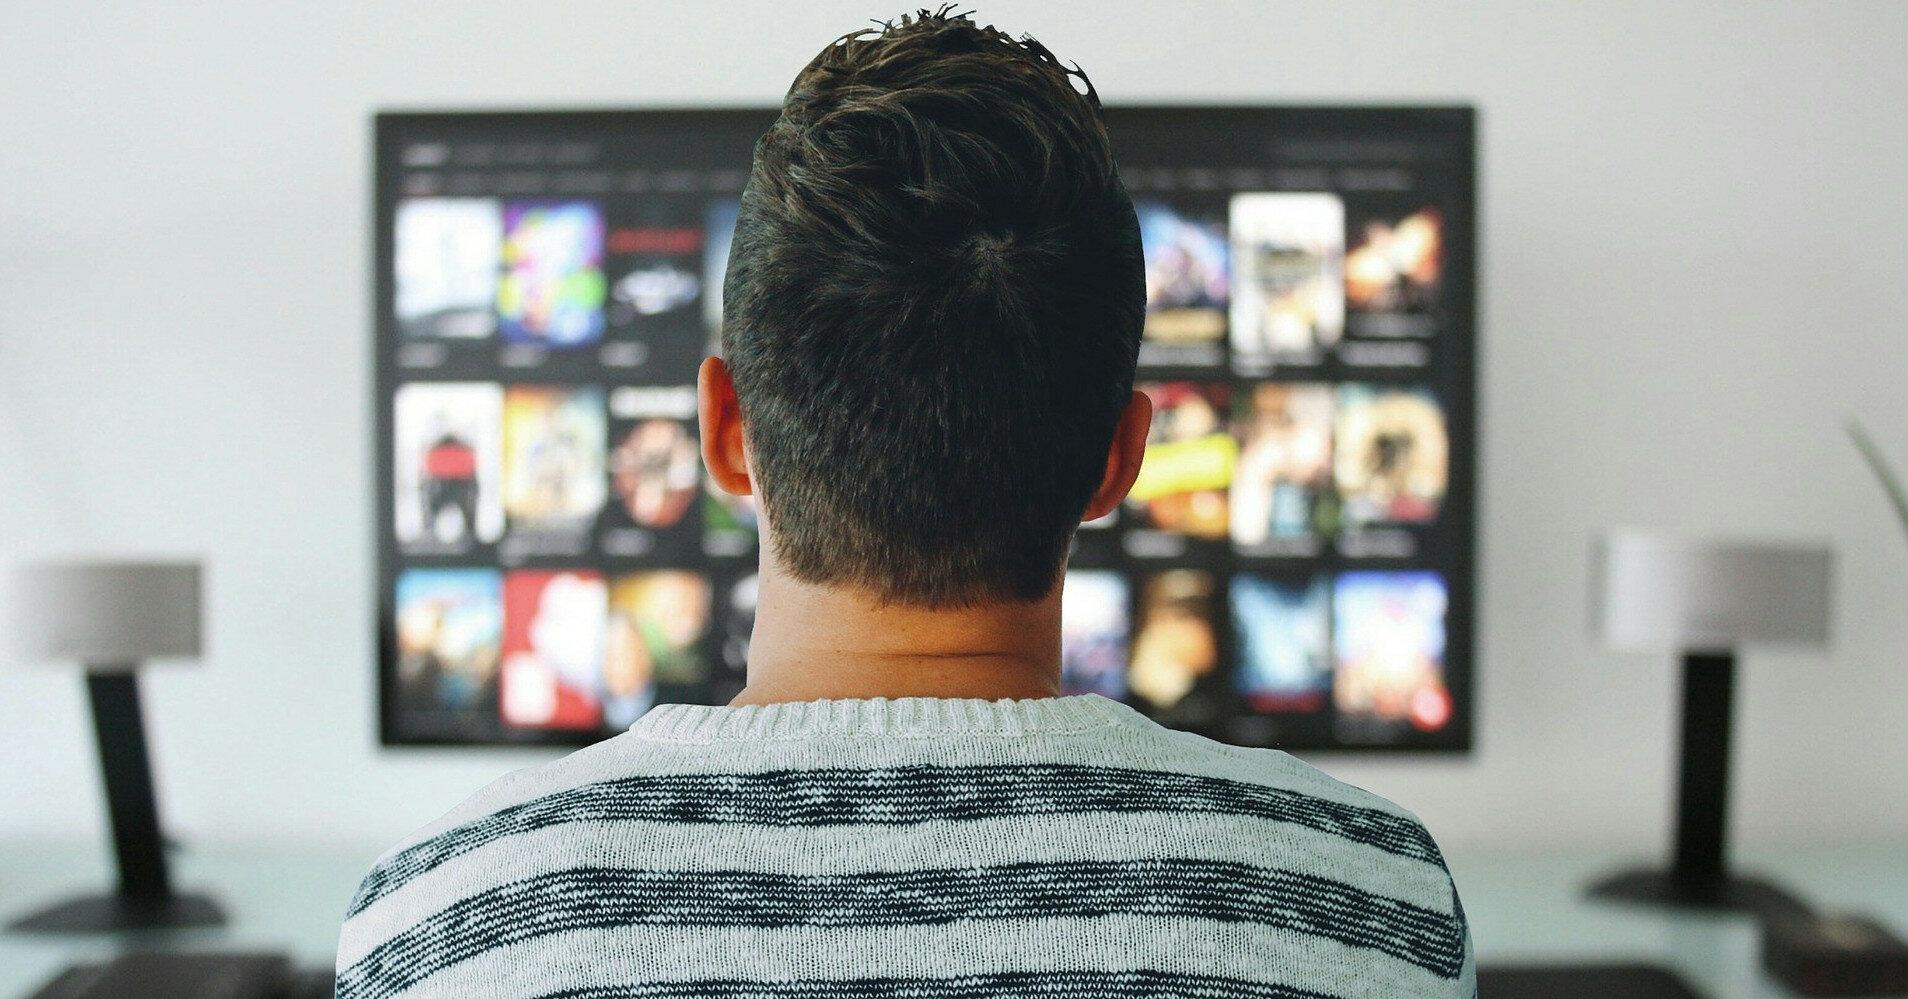 В Польше приняли скандальный закон о телерадиовещании